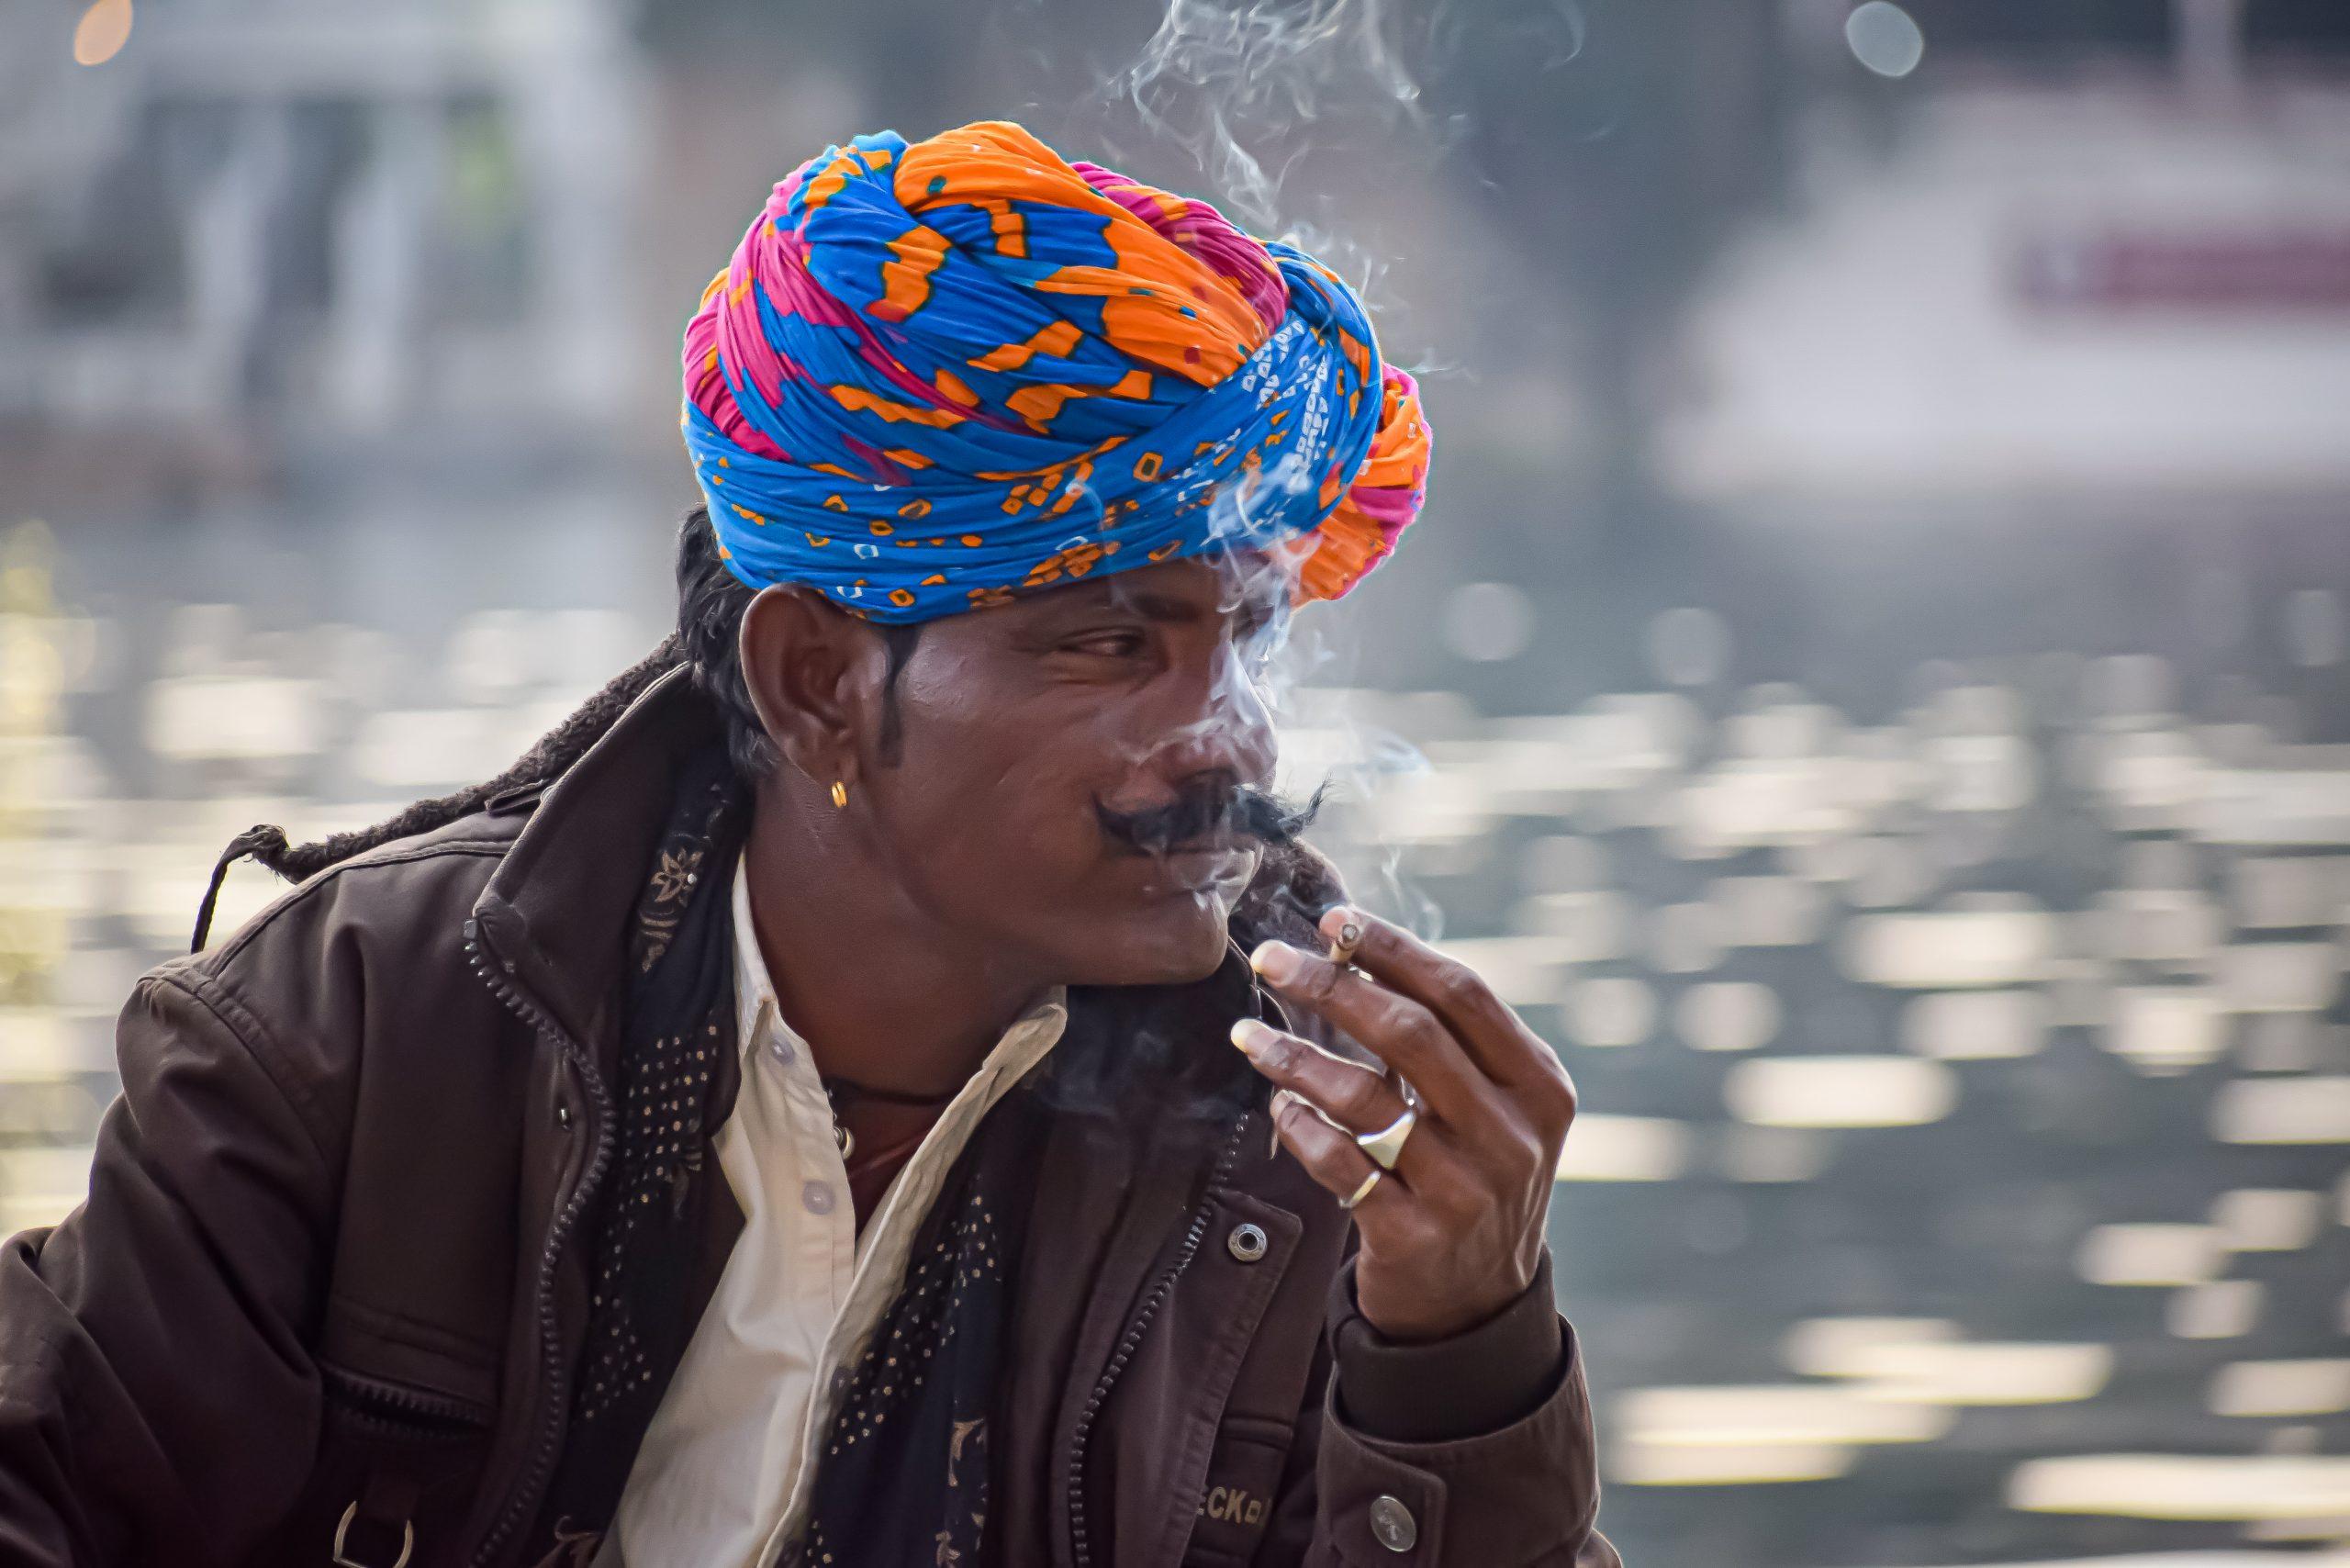 A man wearing an ethnic turban